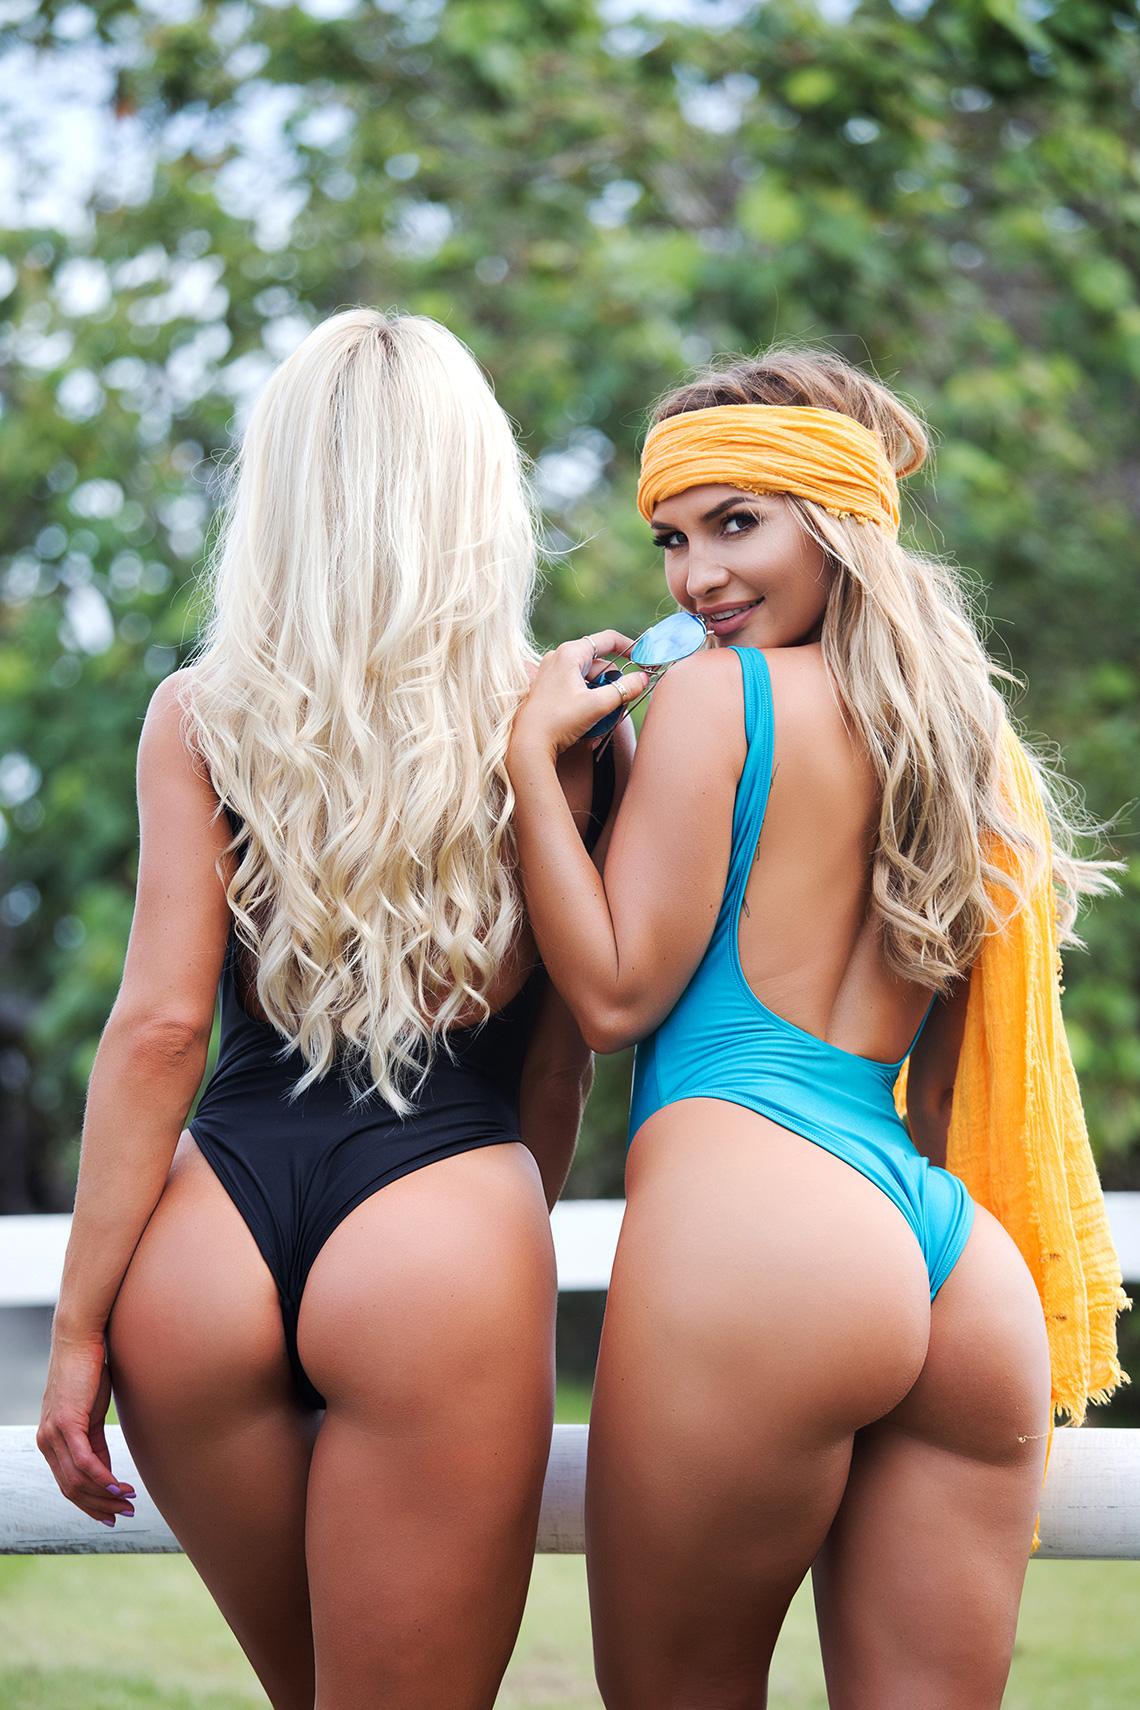 Sex Rosanna Arkle nude photos 2019